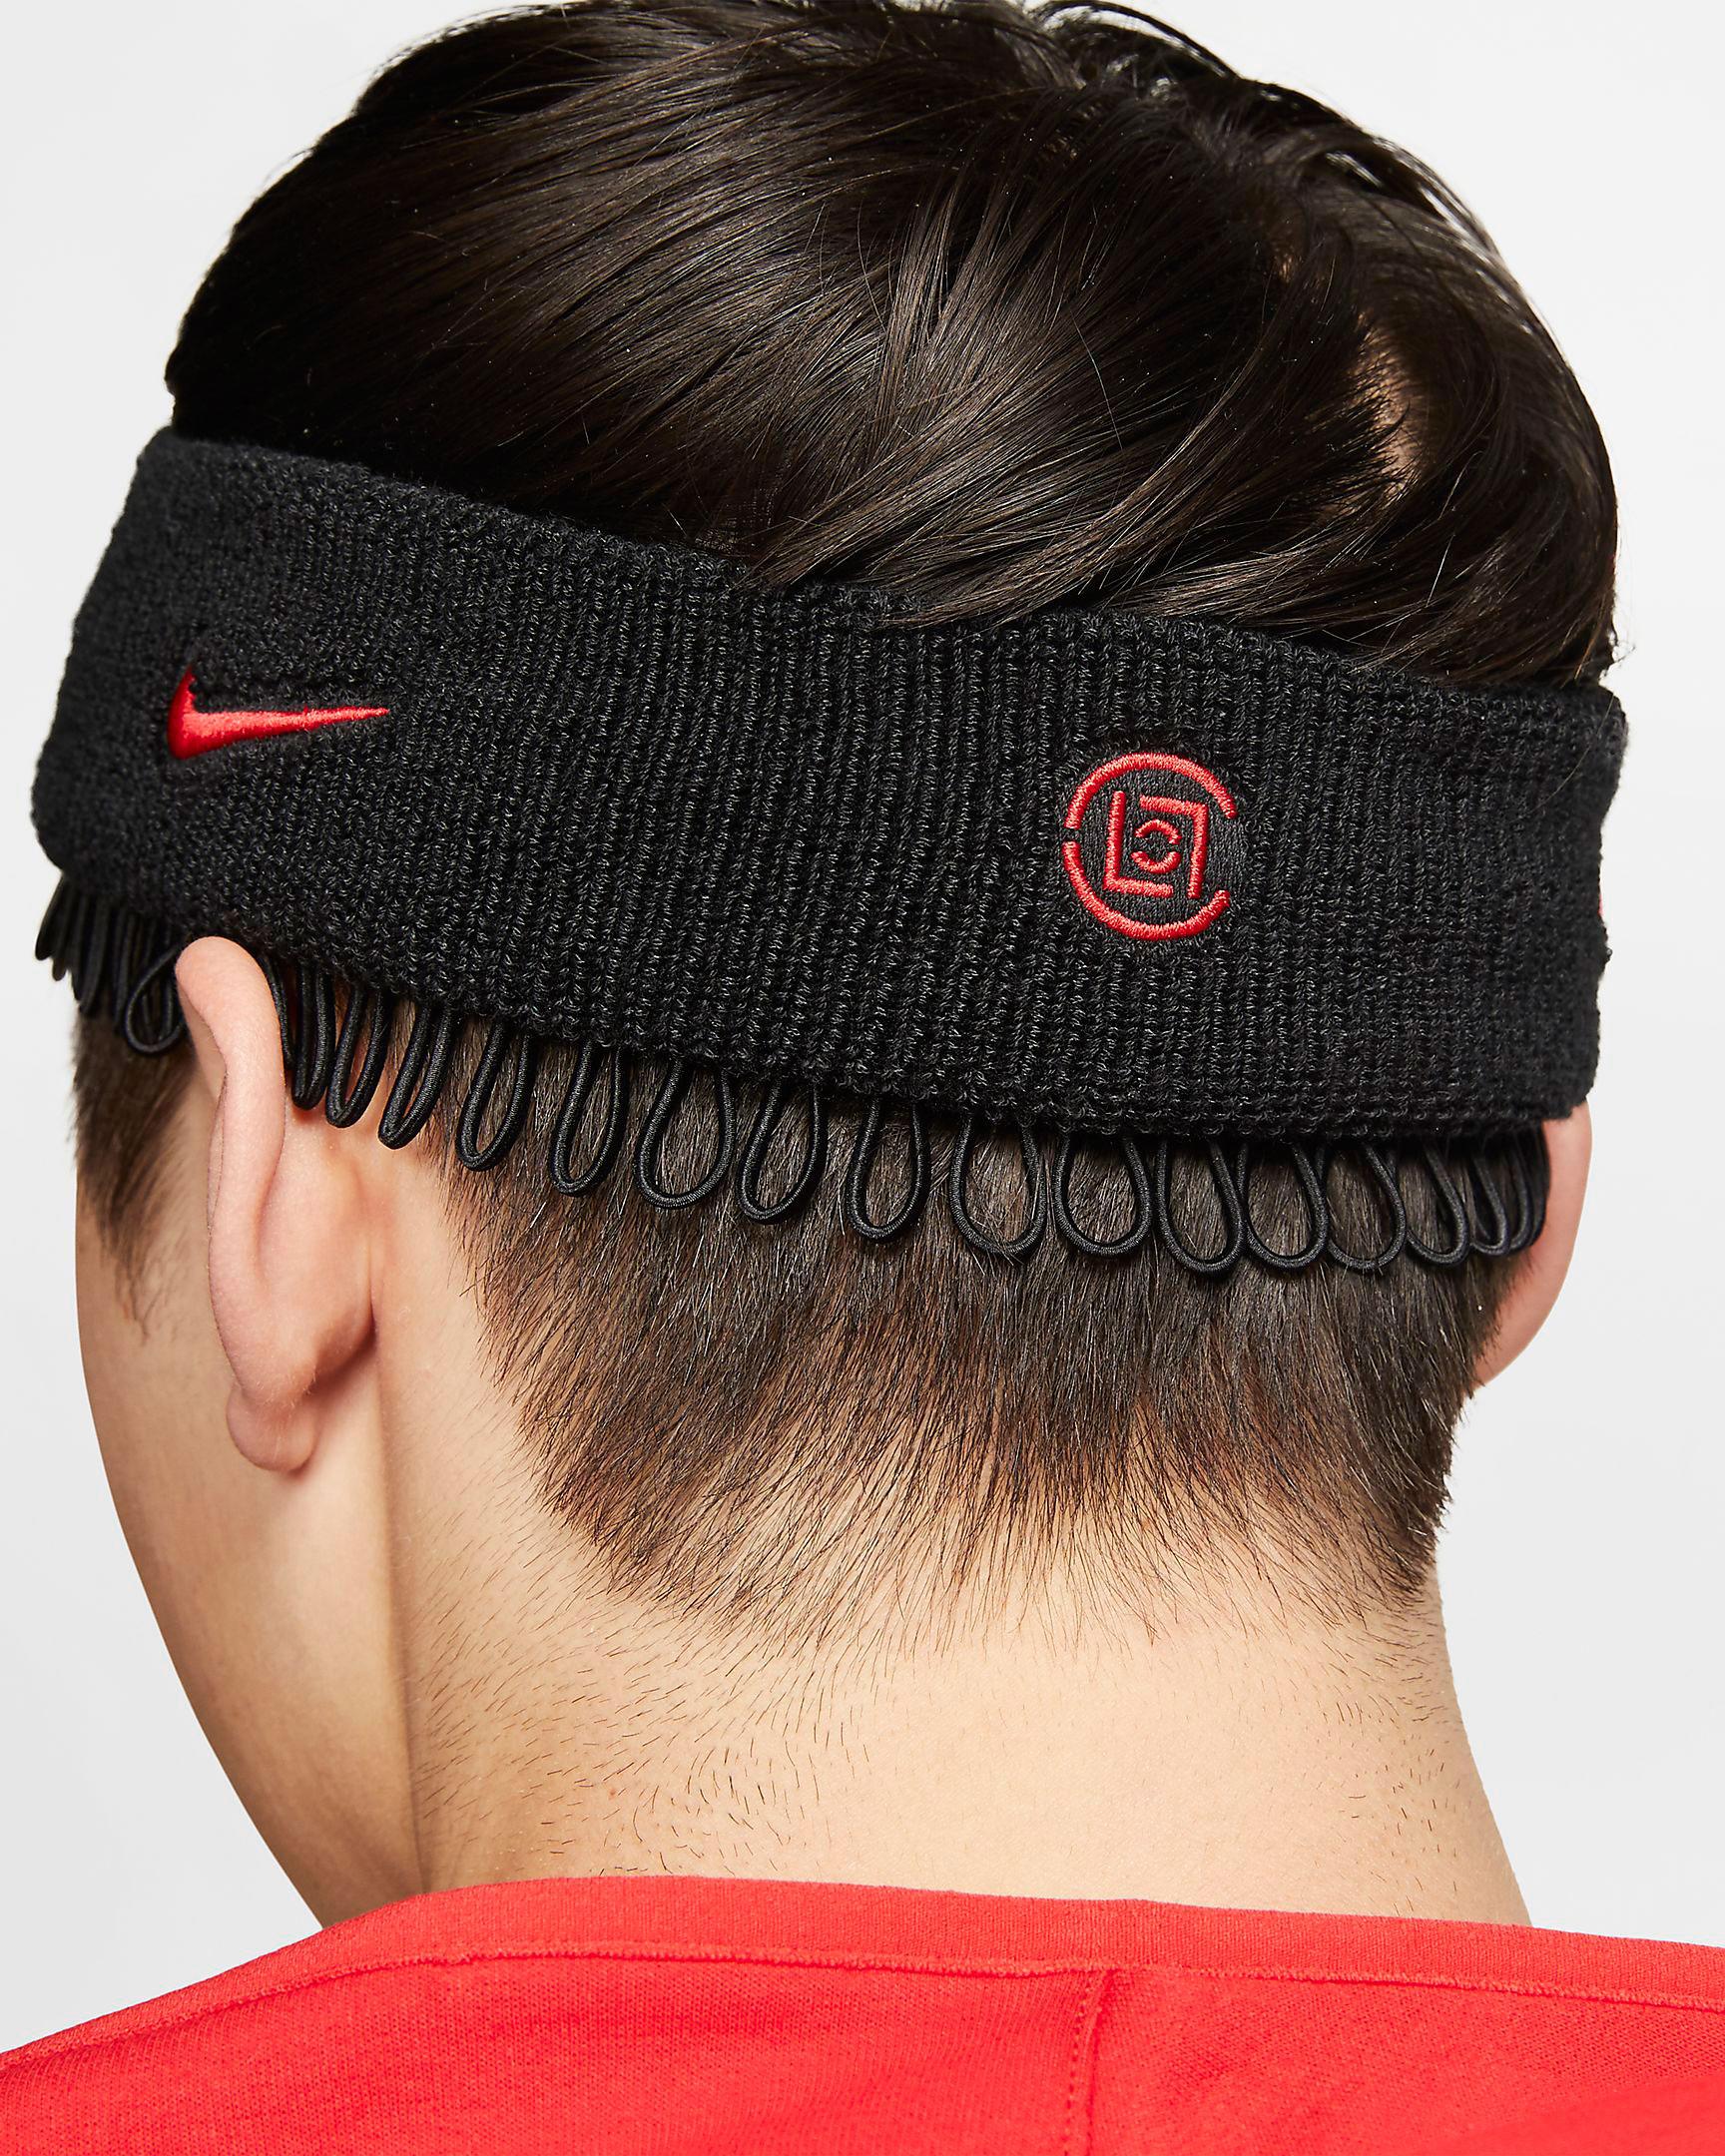 clot-air-jordan-1-mid-fearless-headband-3